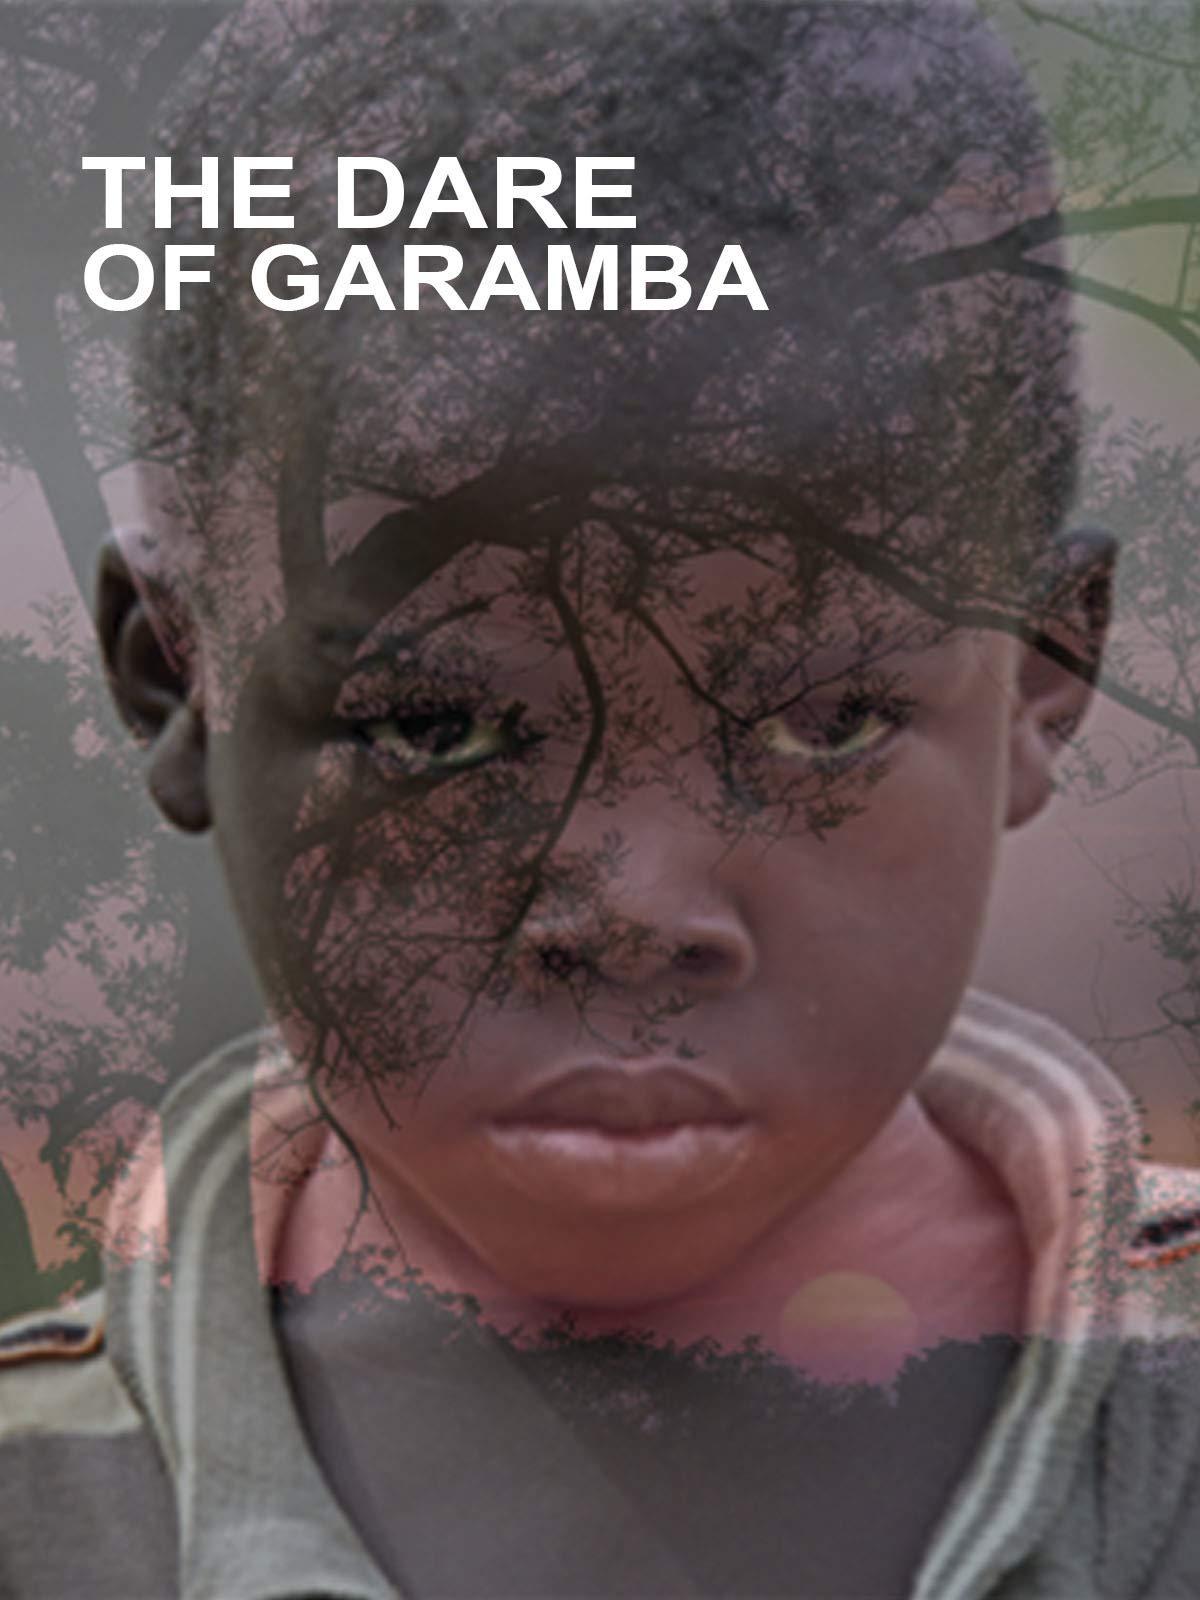 The Dare of Garamba